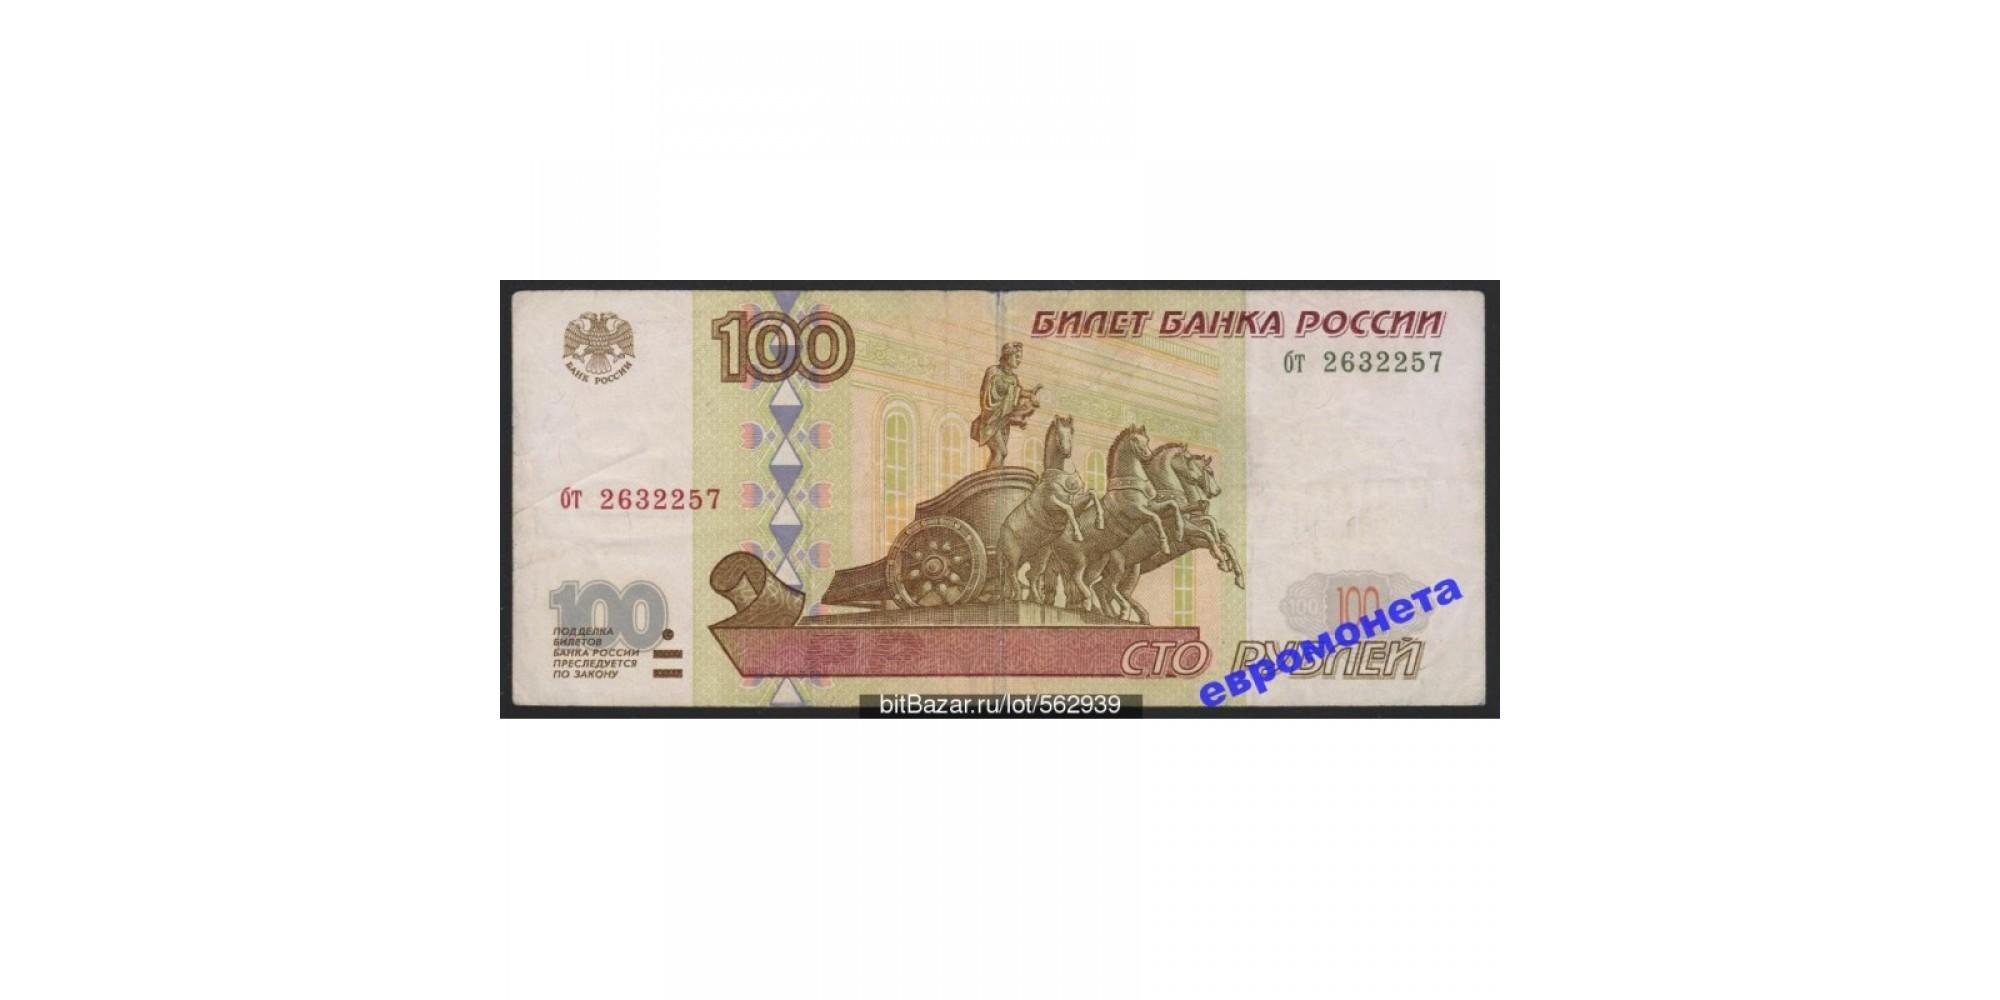 Россия 100 рублей 1997 год без модификации серия бт 2632257